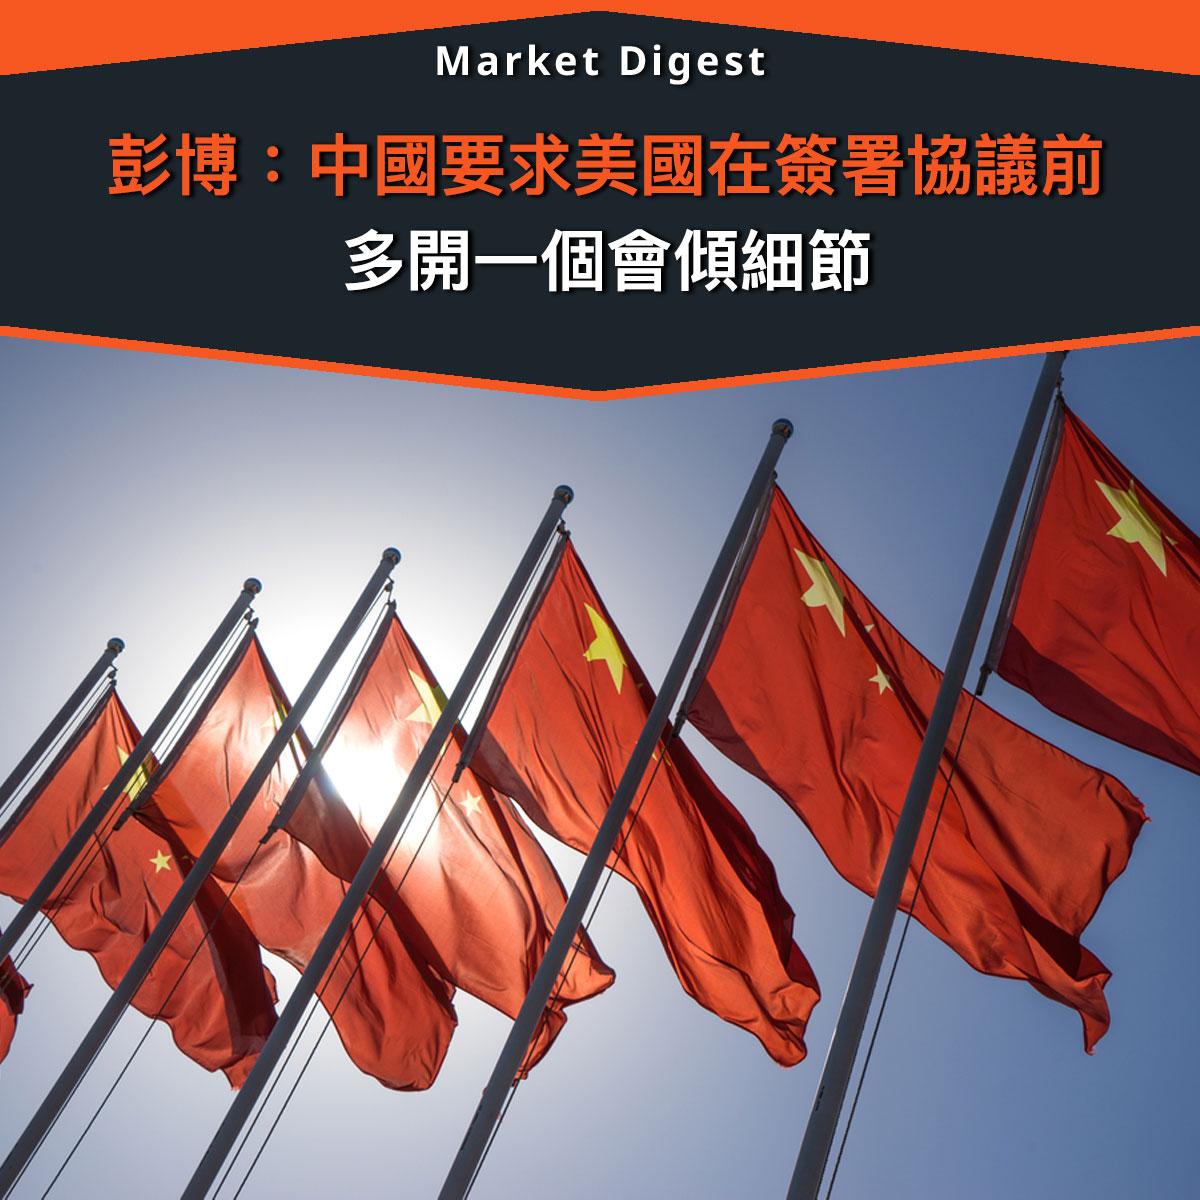 【中美貿易戰】彭博:中國要求美國在簽署協議前,多開一個會傾細節